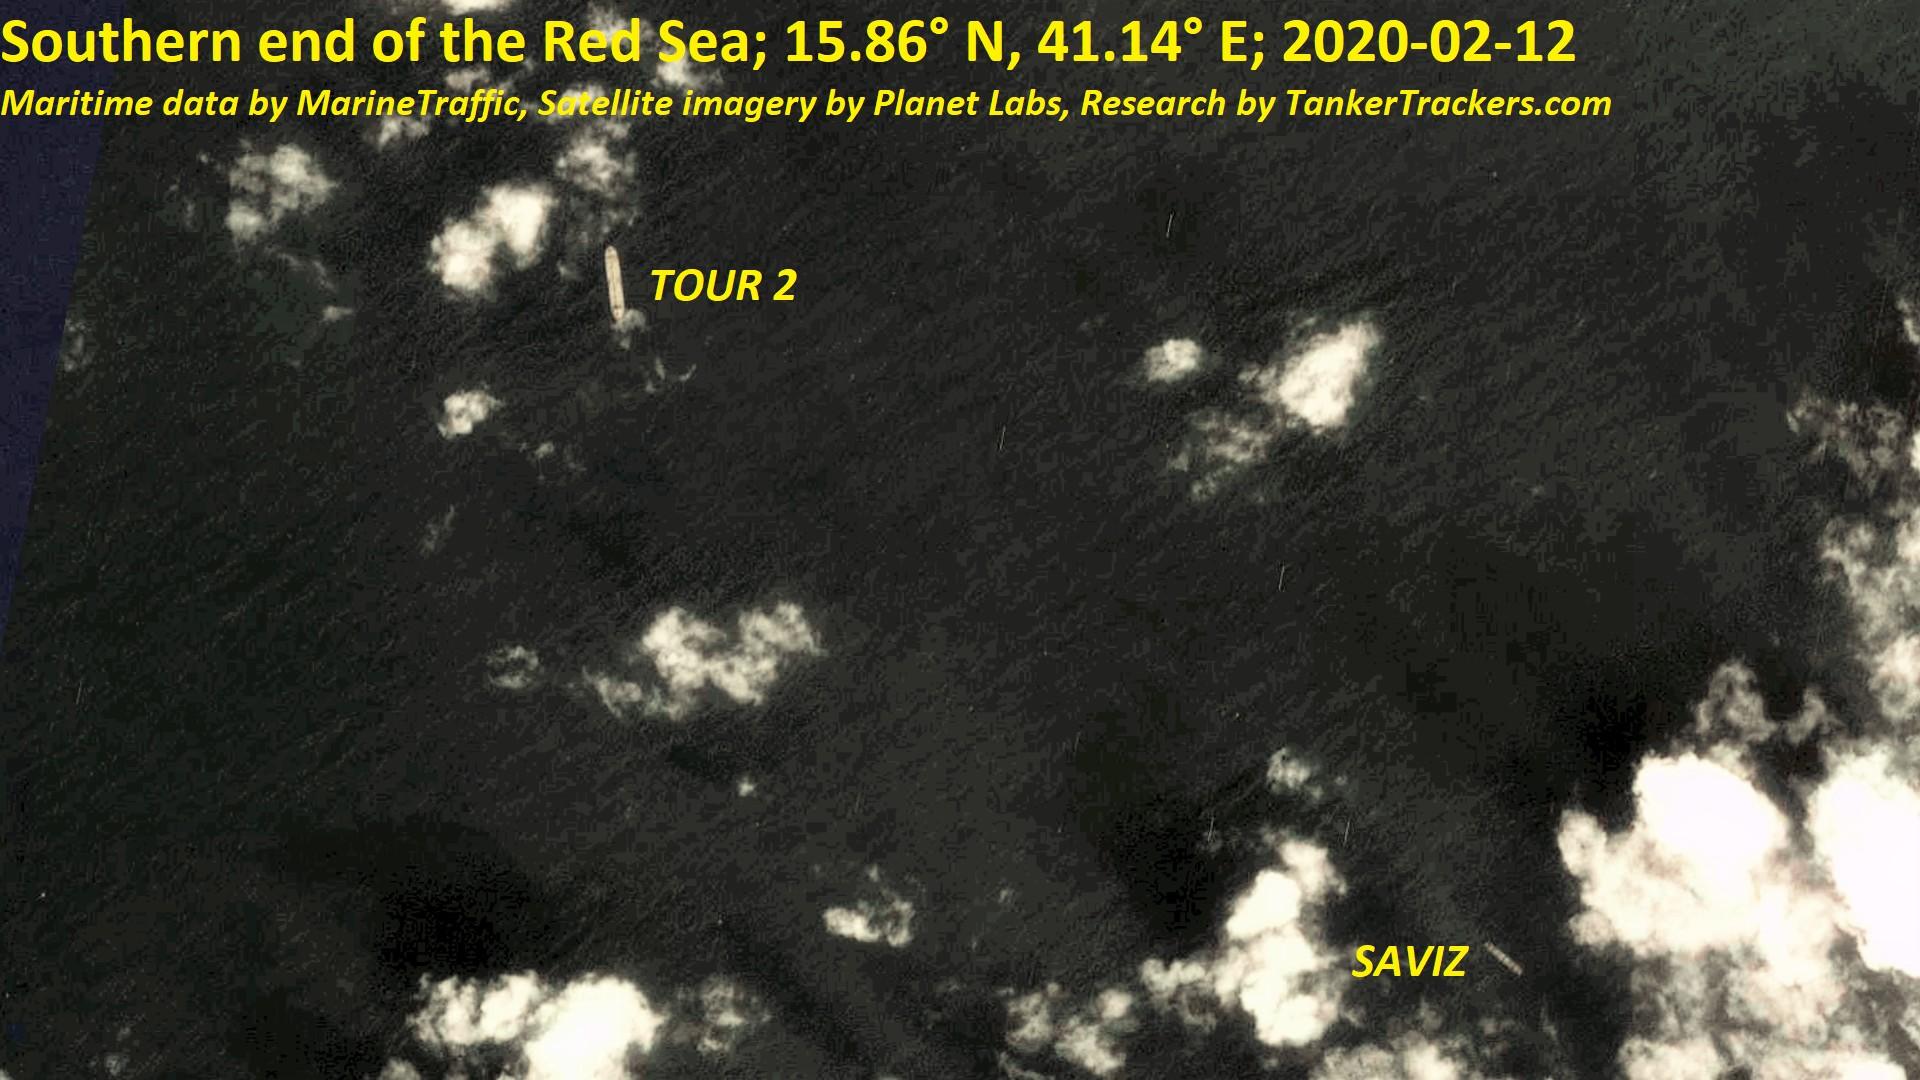 2020-02-12-SAVIZ-and-TOUR2